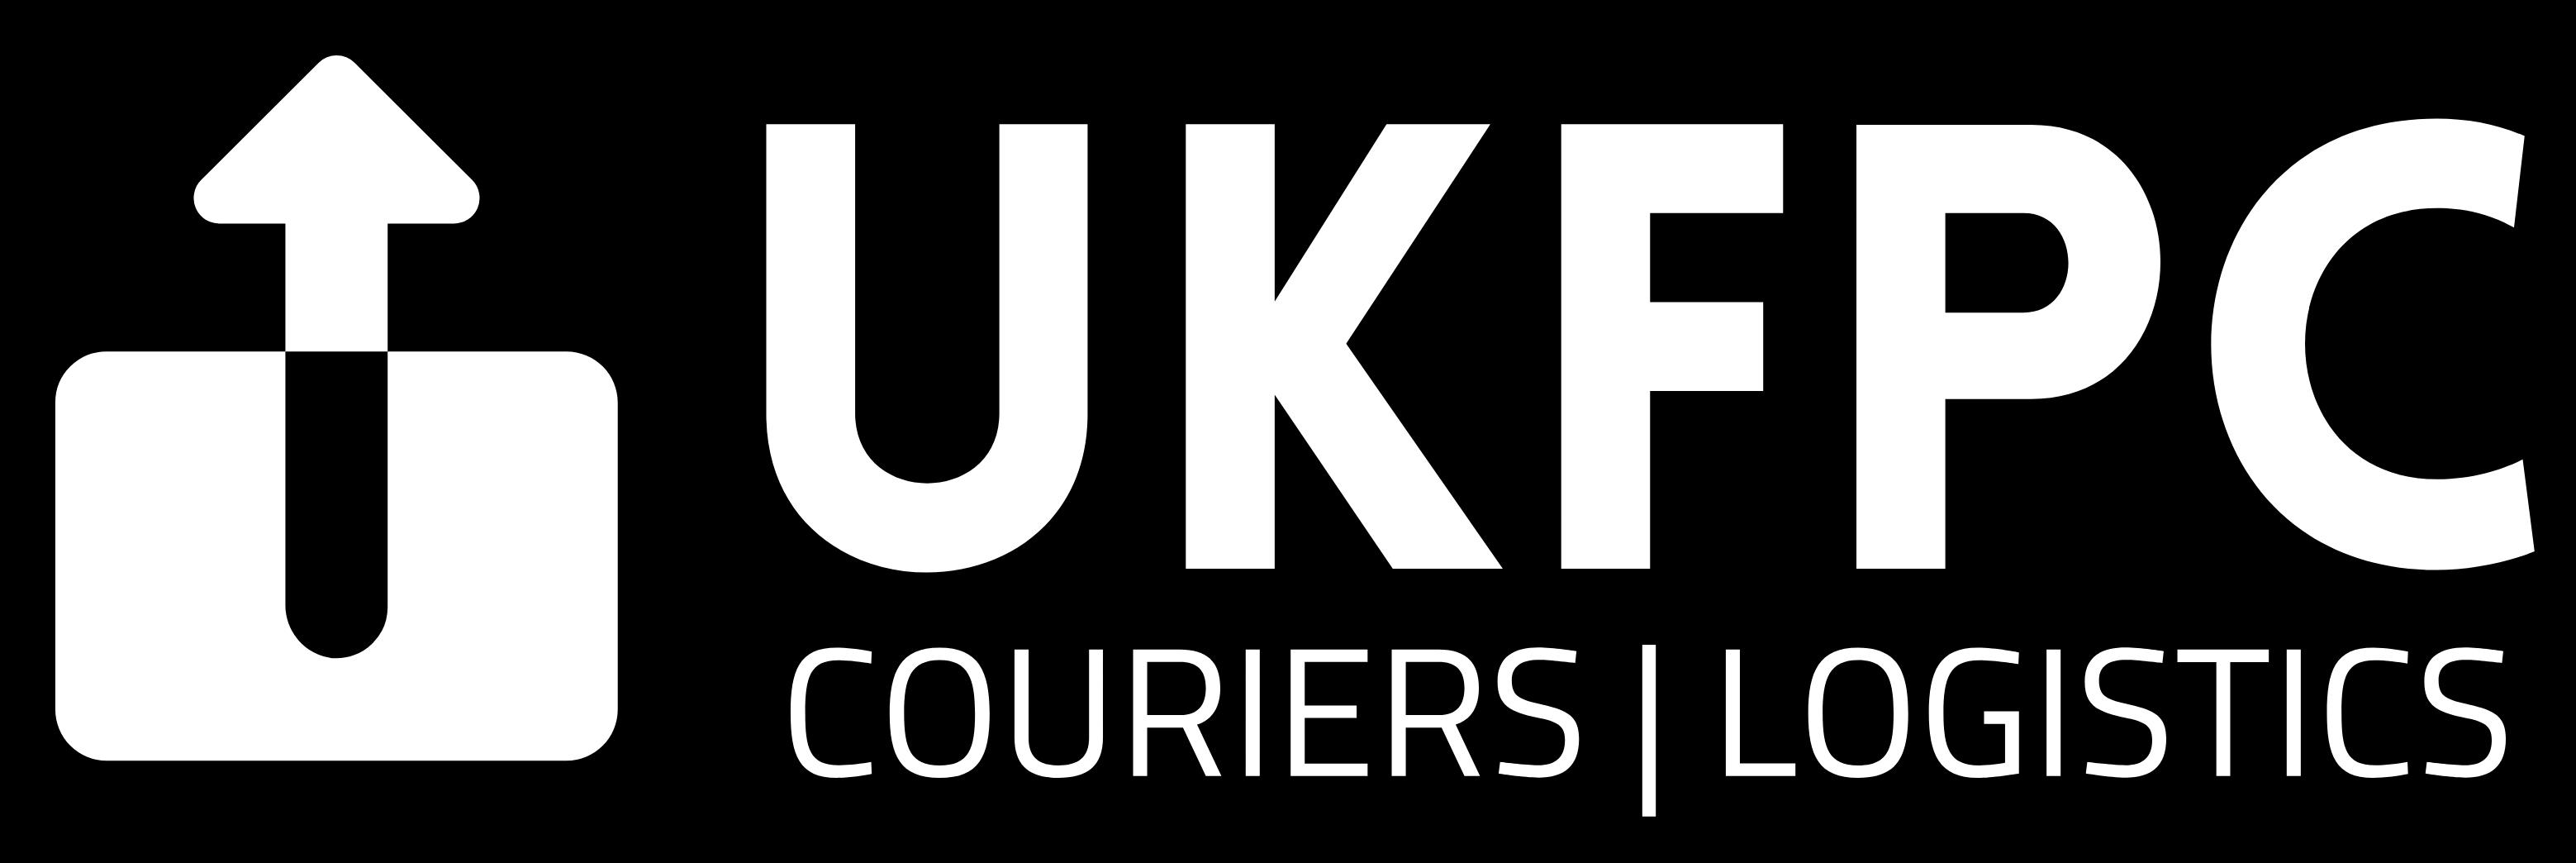 Read UKFPC Reviews